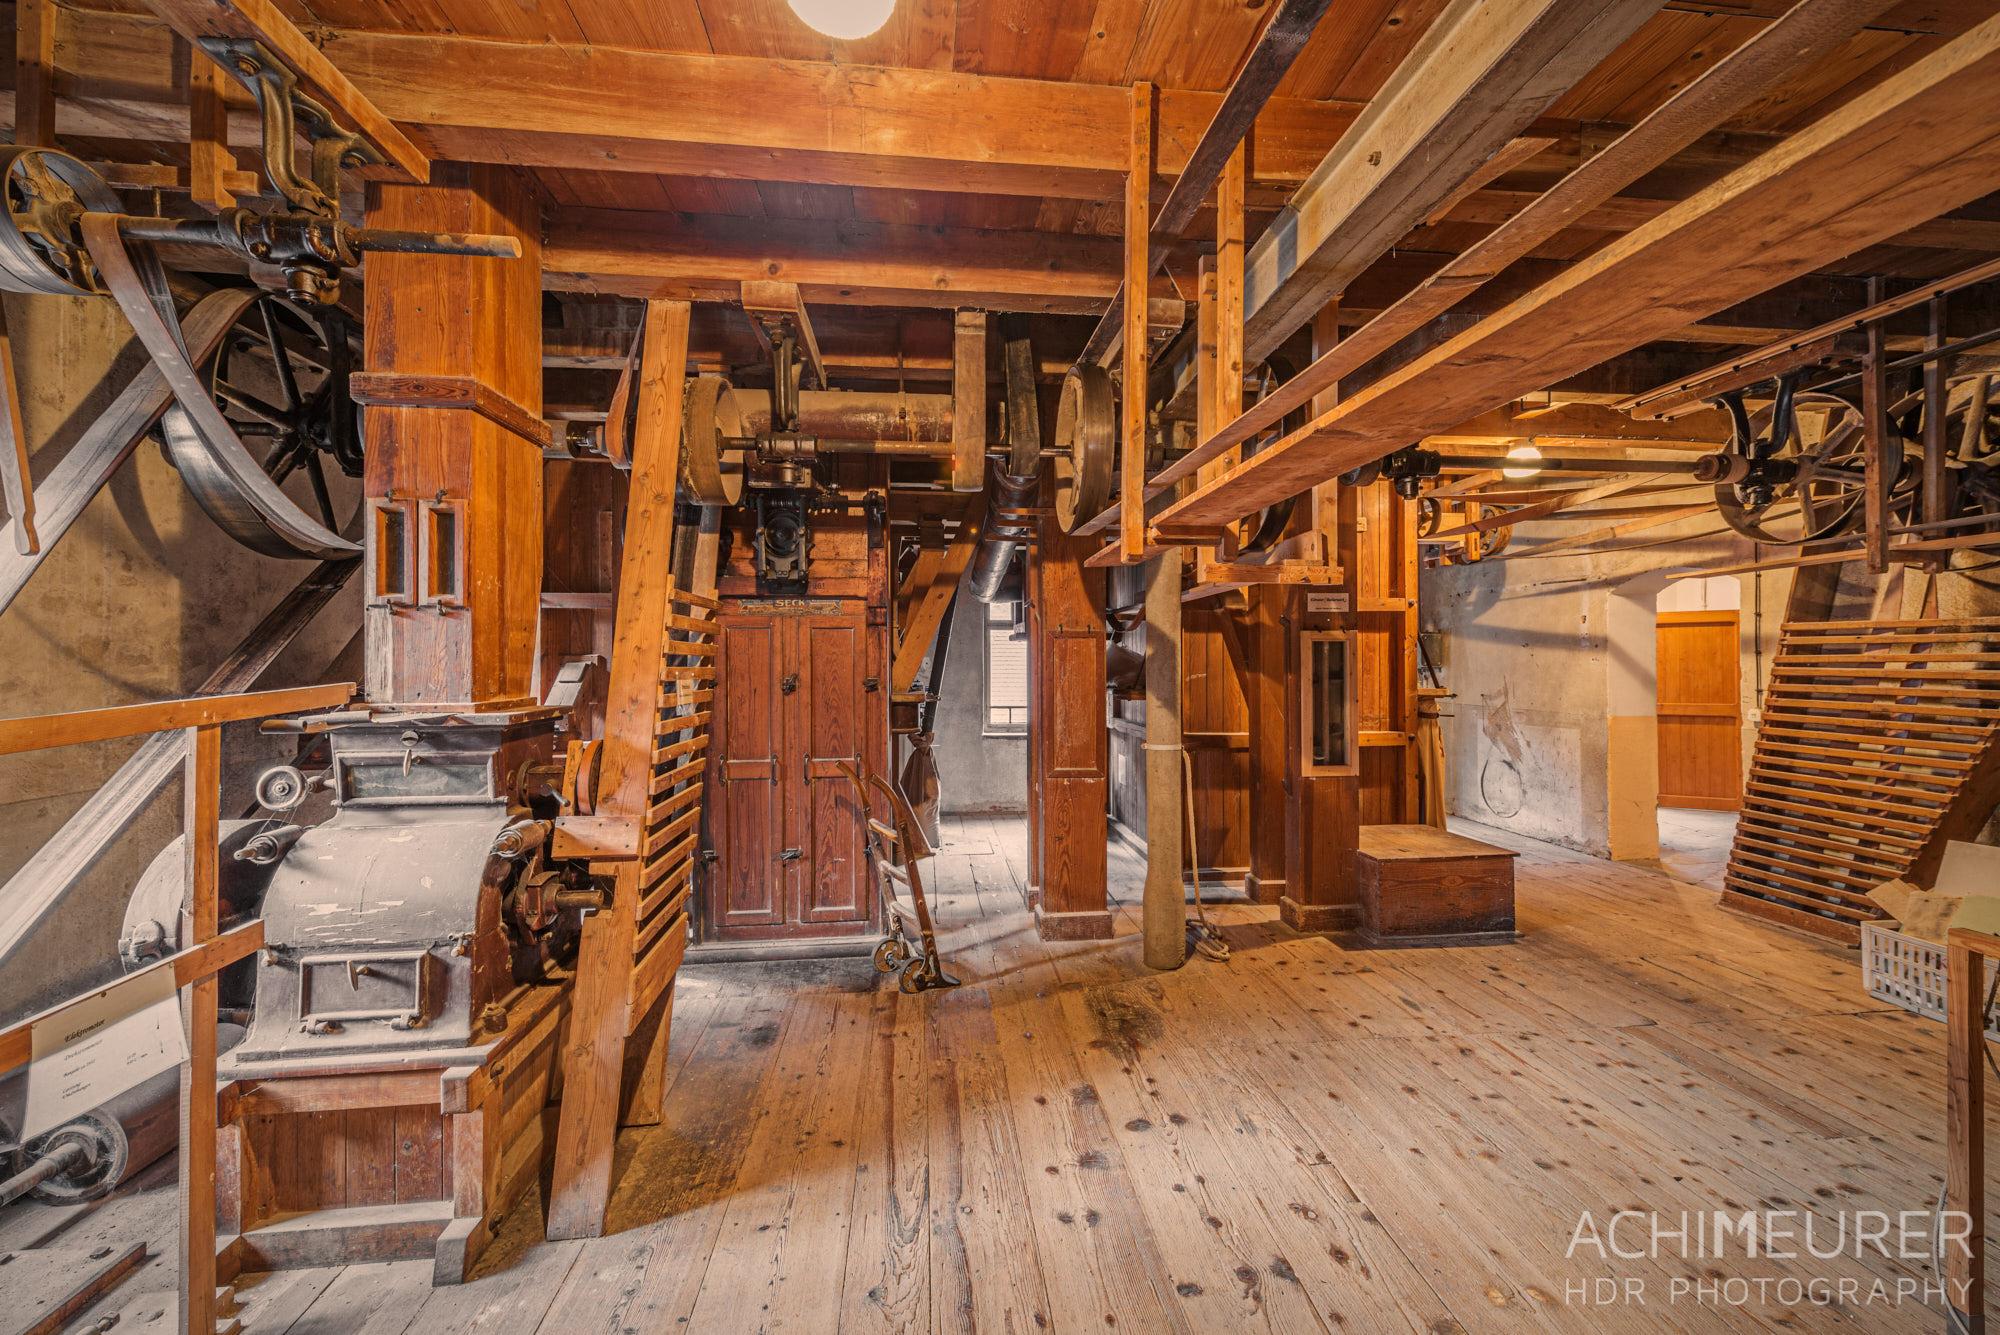 Mühlen-Museum in Bad Gottleuba-Berggießhübel, Sächsische Schweiz by AchimMeurer.com.